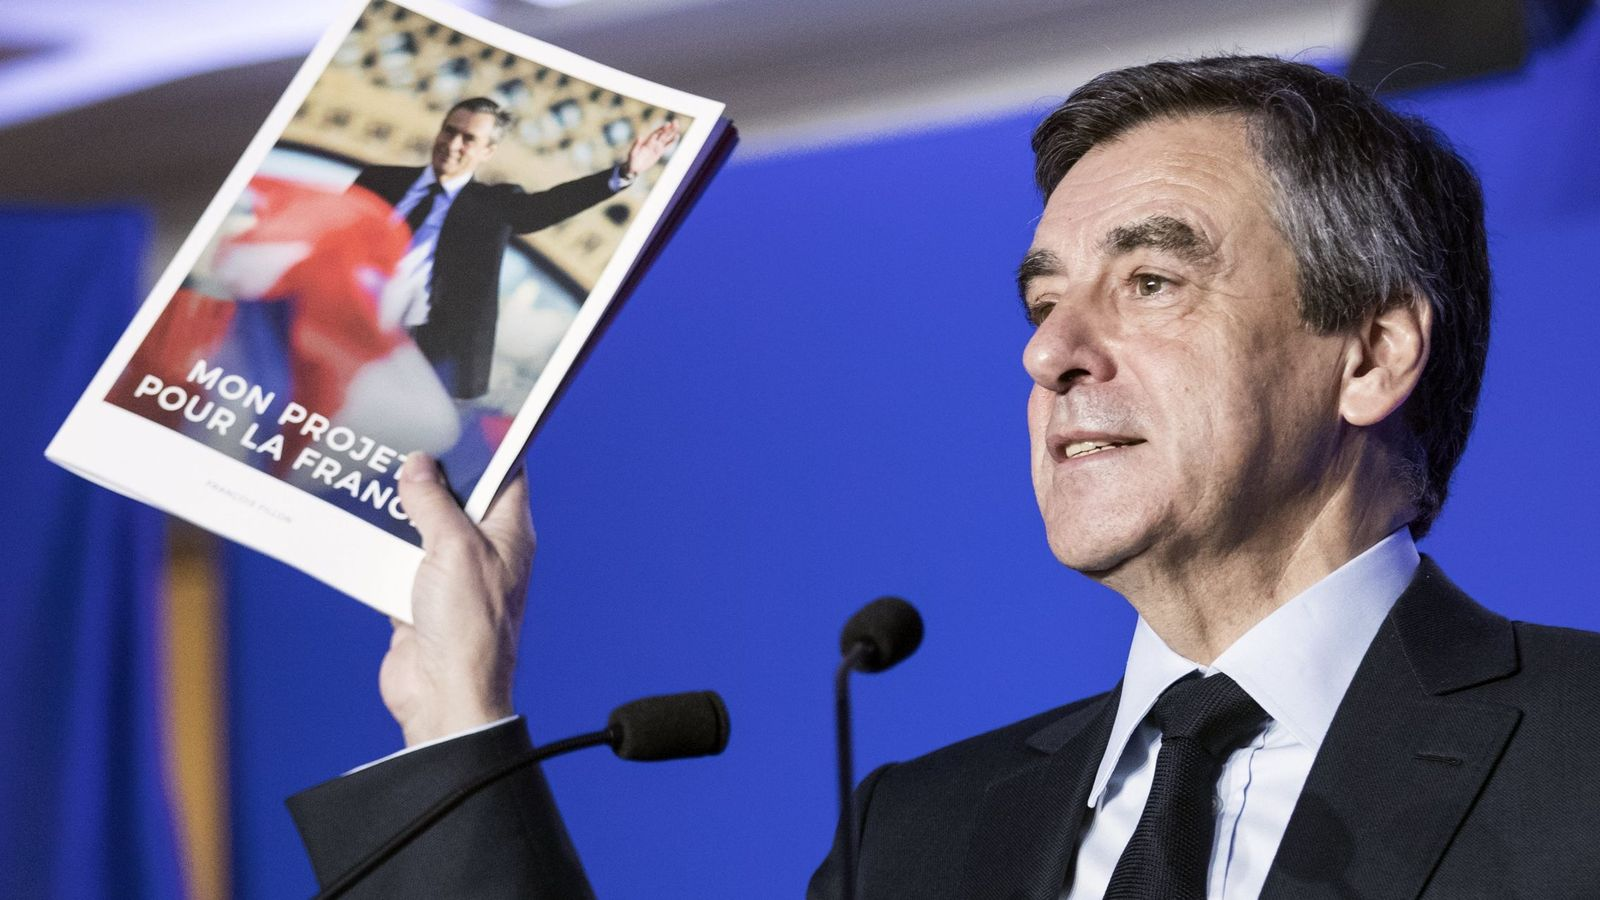 Foto: El candidato conservador a la Presidencia francesa, François Fillon. (Efe)